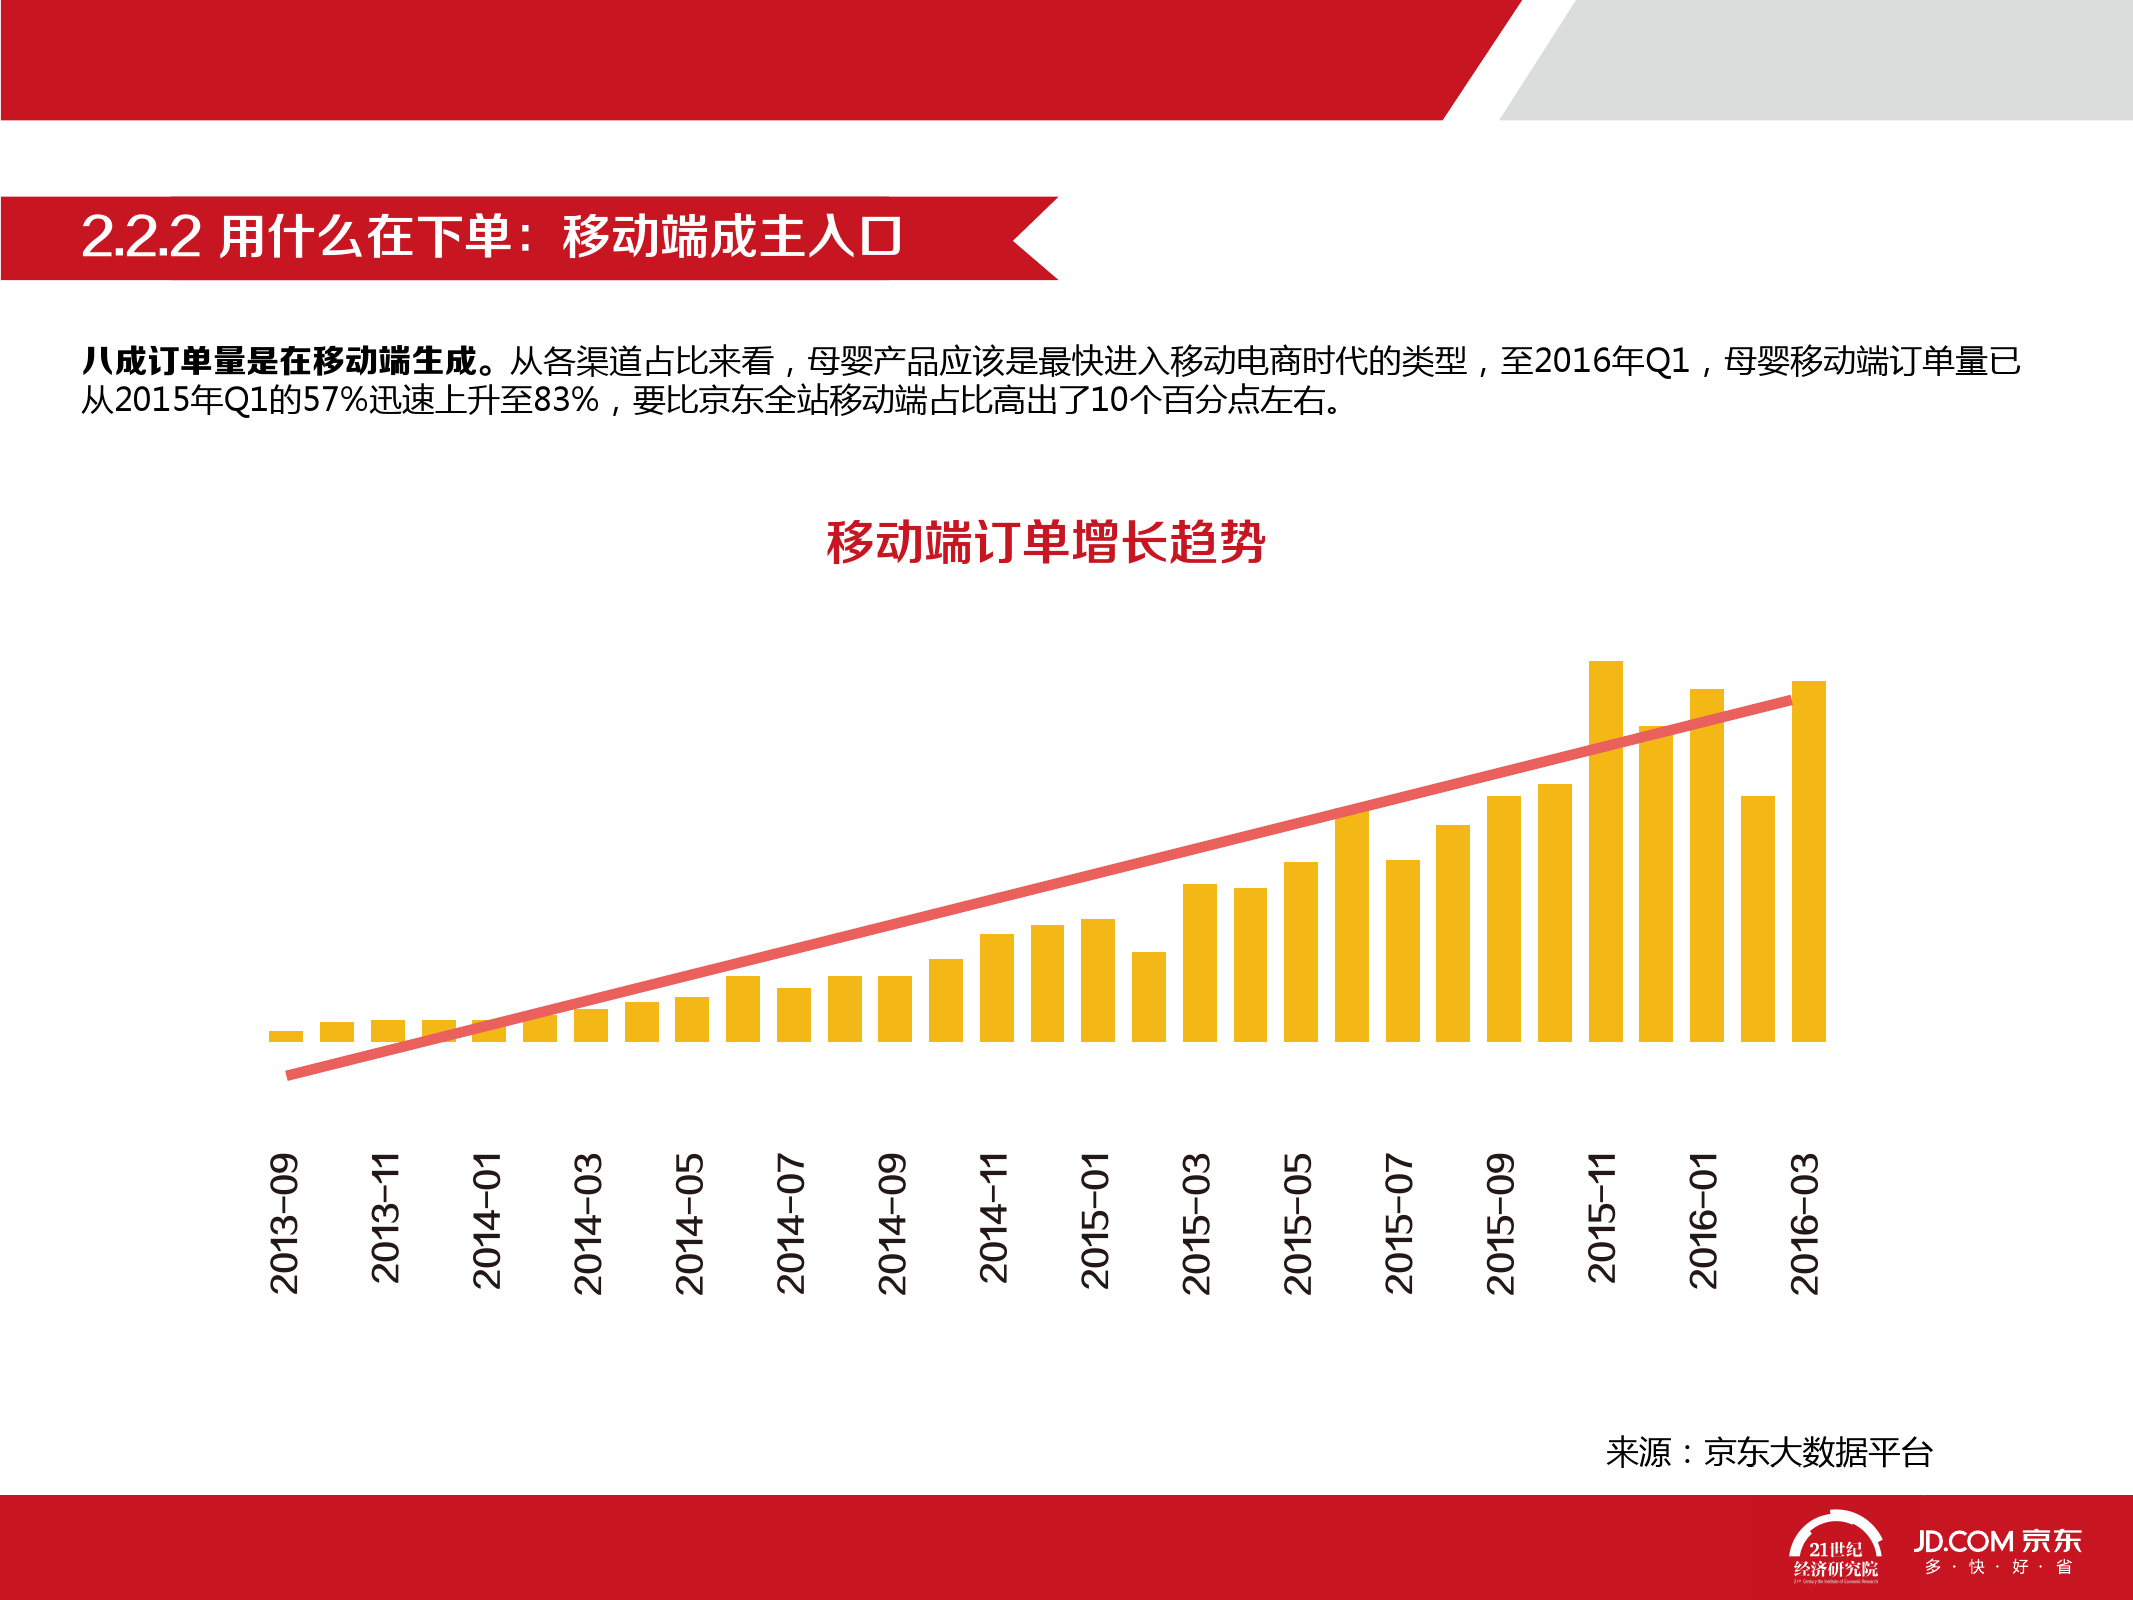 2016中国母婴产品消费趋势报告_000023